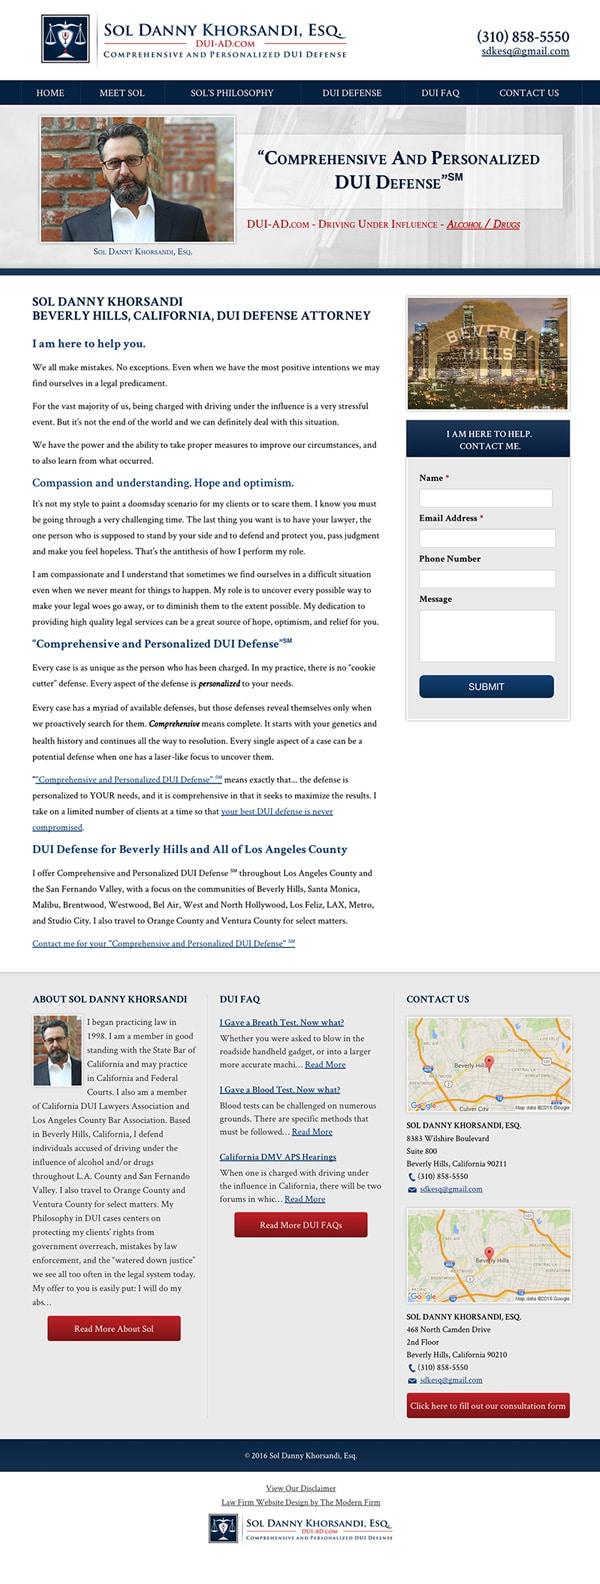 Law Firm Website Design for Sol Danny Khorsandi, Esq.